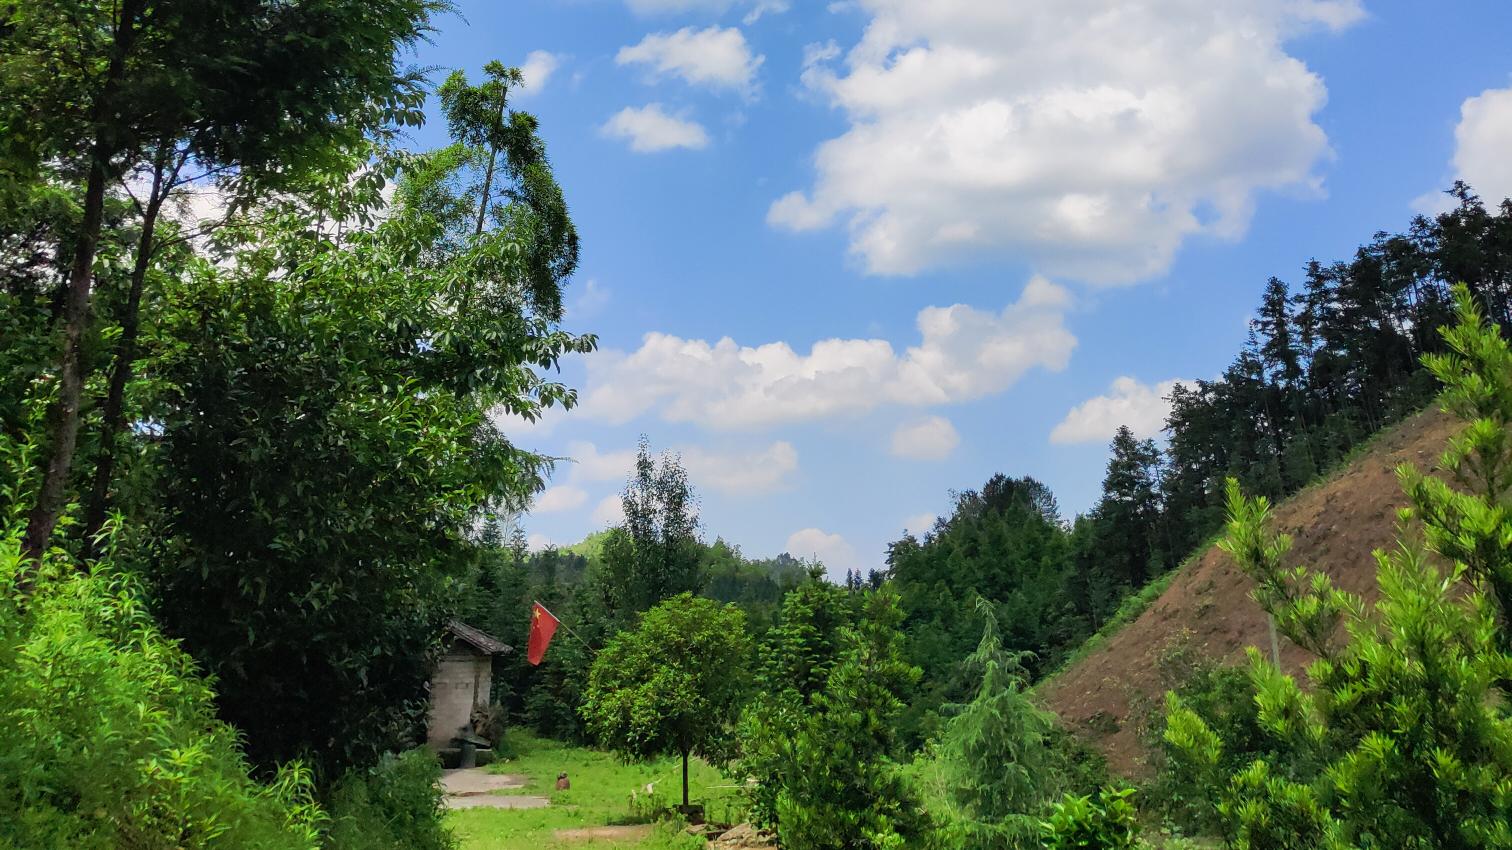 【62】老家木房青山白云蓝天。